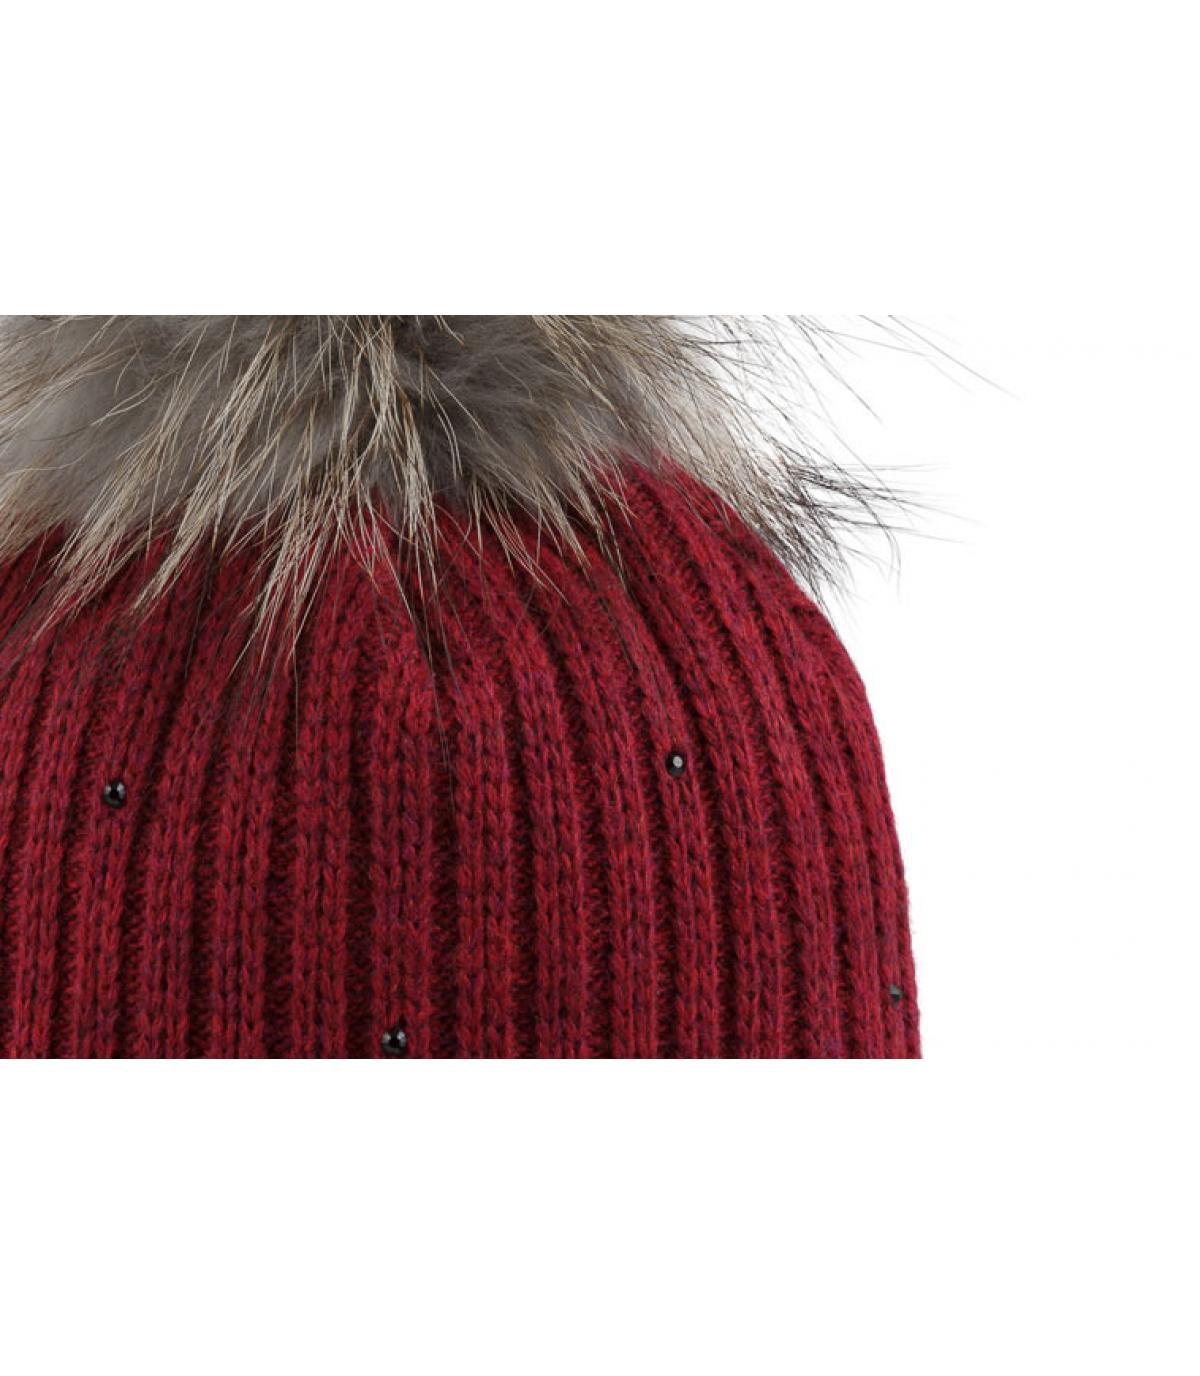 Bonnet rouge pompon fourrure merry bordeaux par pipolaki - Chez pompon bordeaux ...